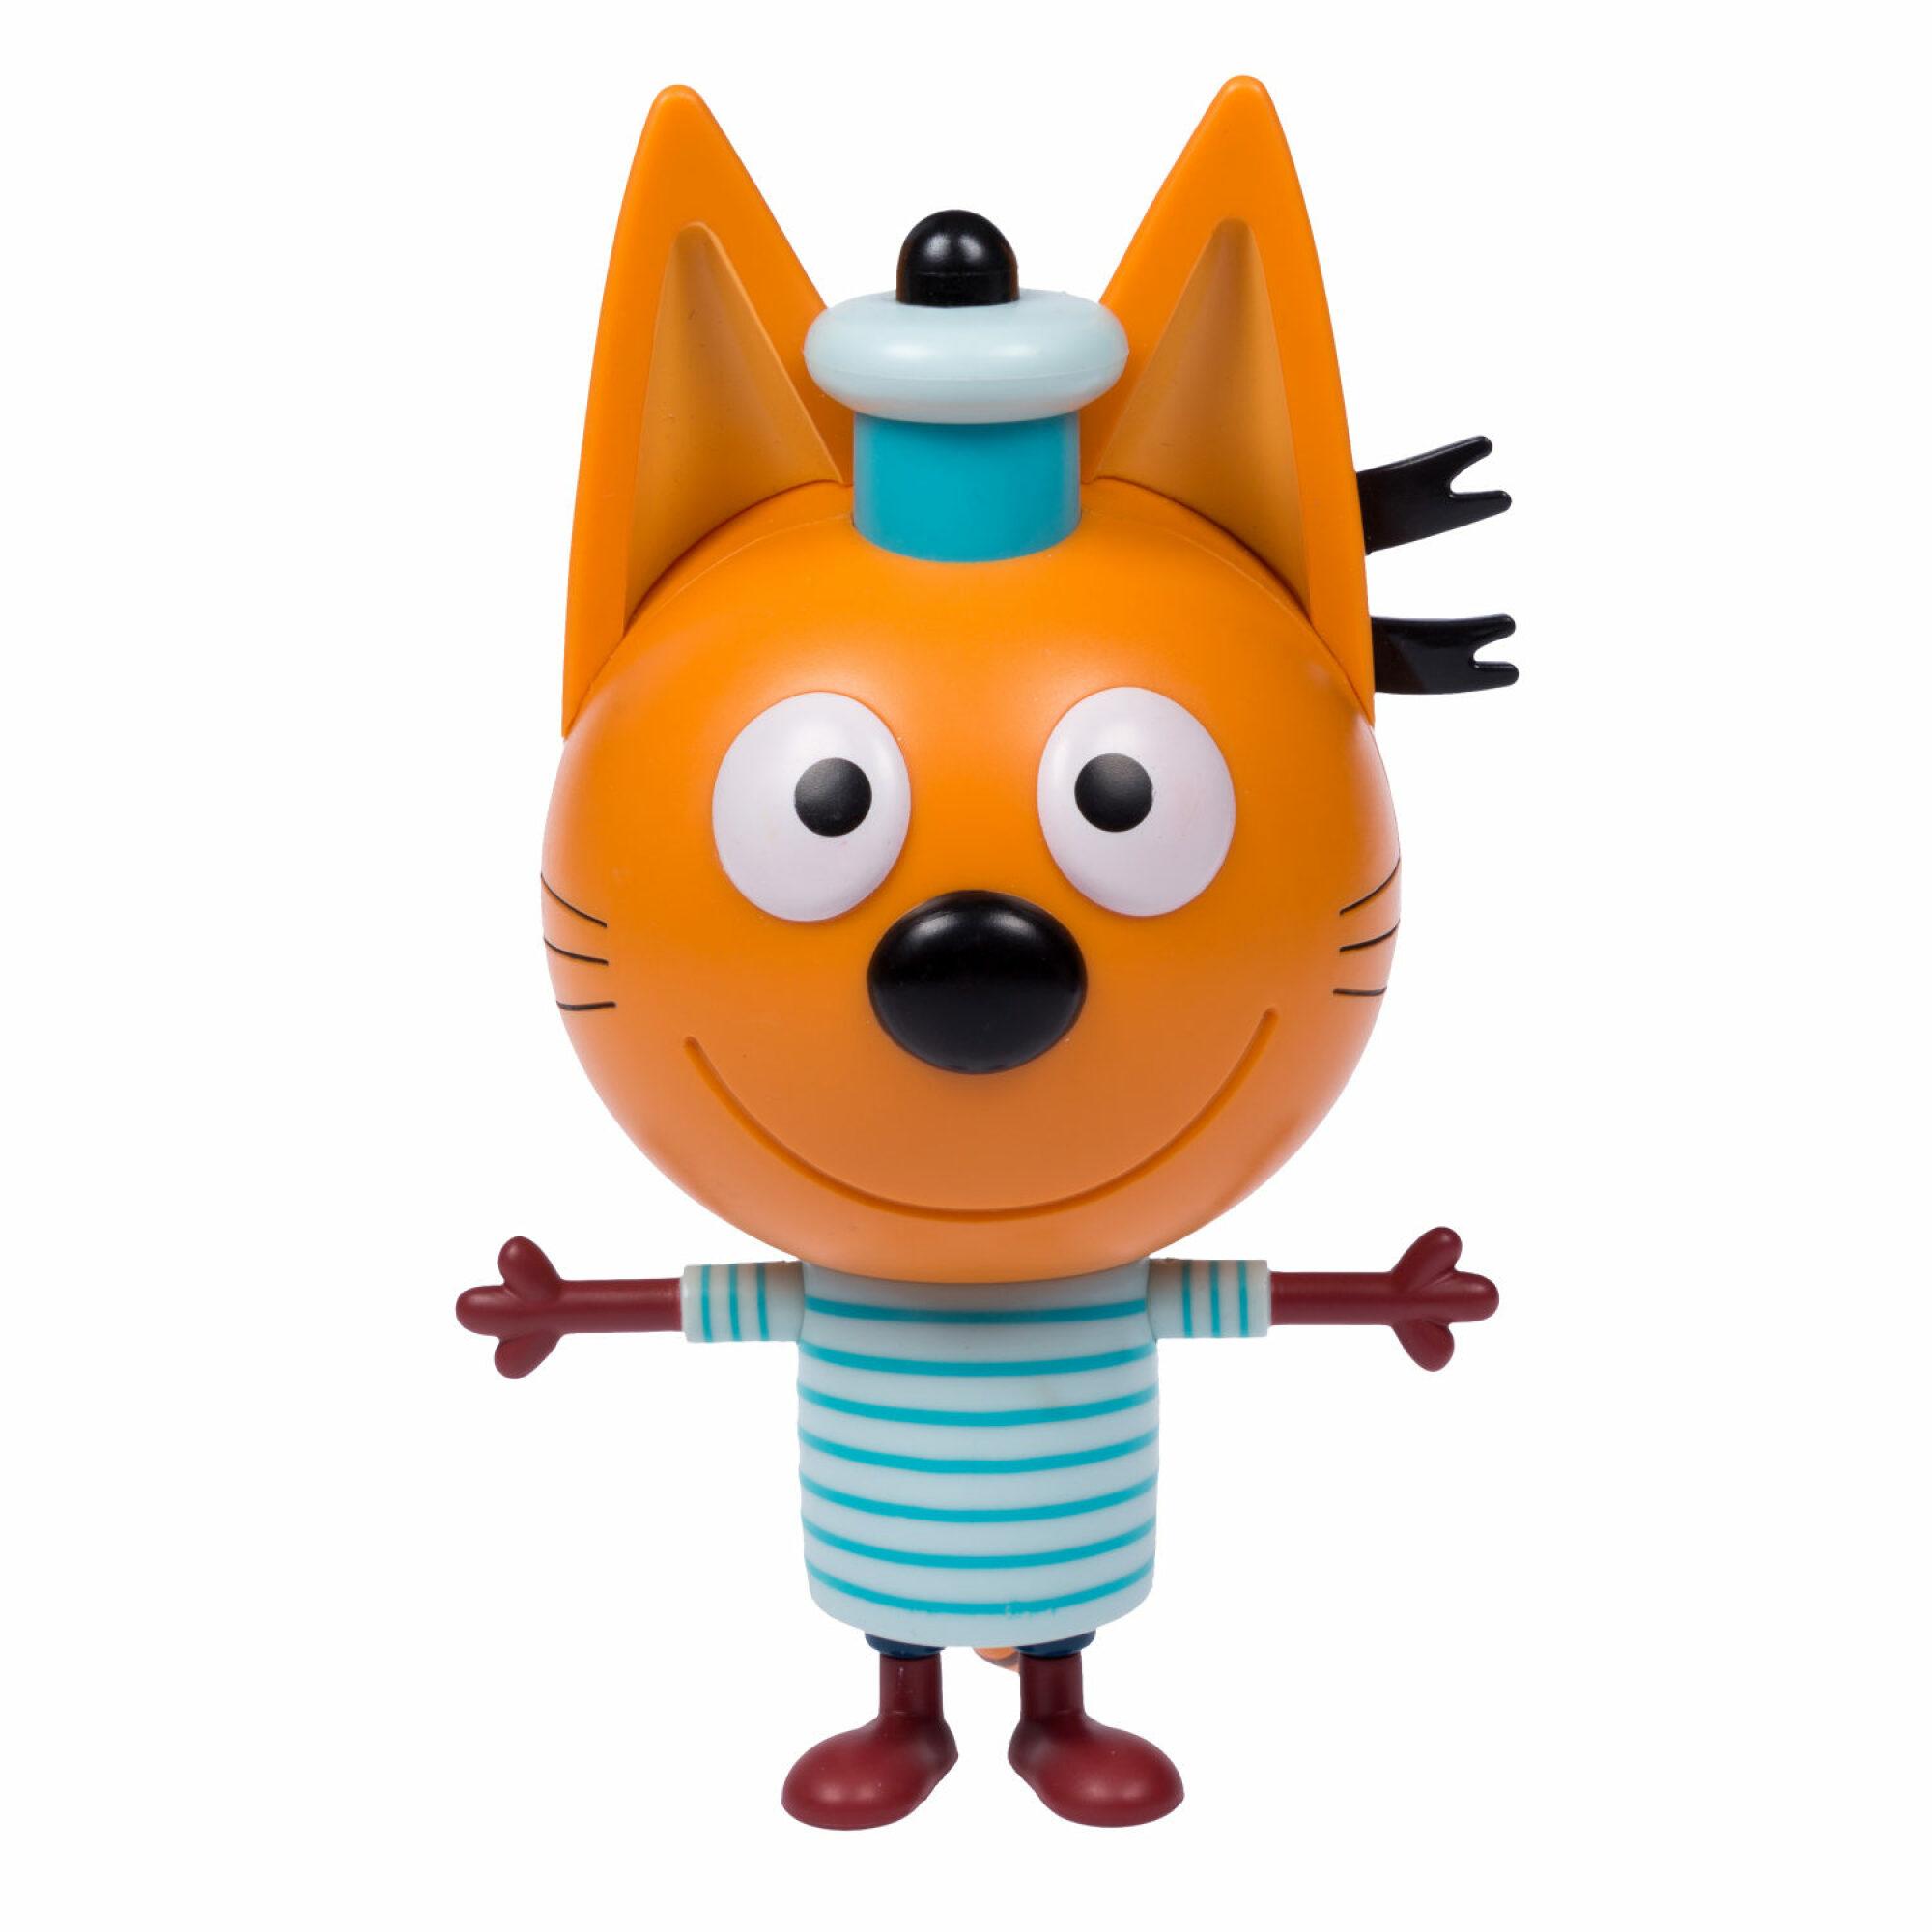 Купить Т16181, Три кота Коржик 15 см фигурка пластиковая со звуком в коробке, Мужской|Женский (shop: GulliverMarket Gulliver Market)